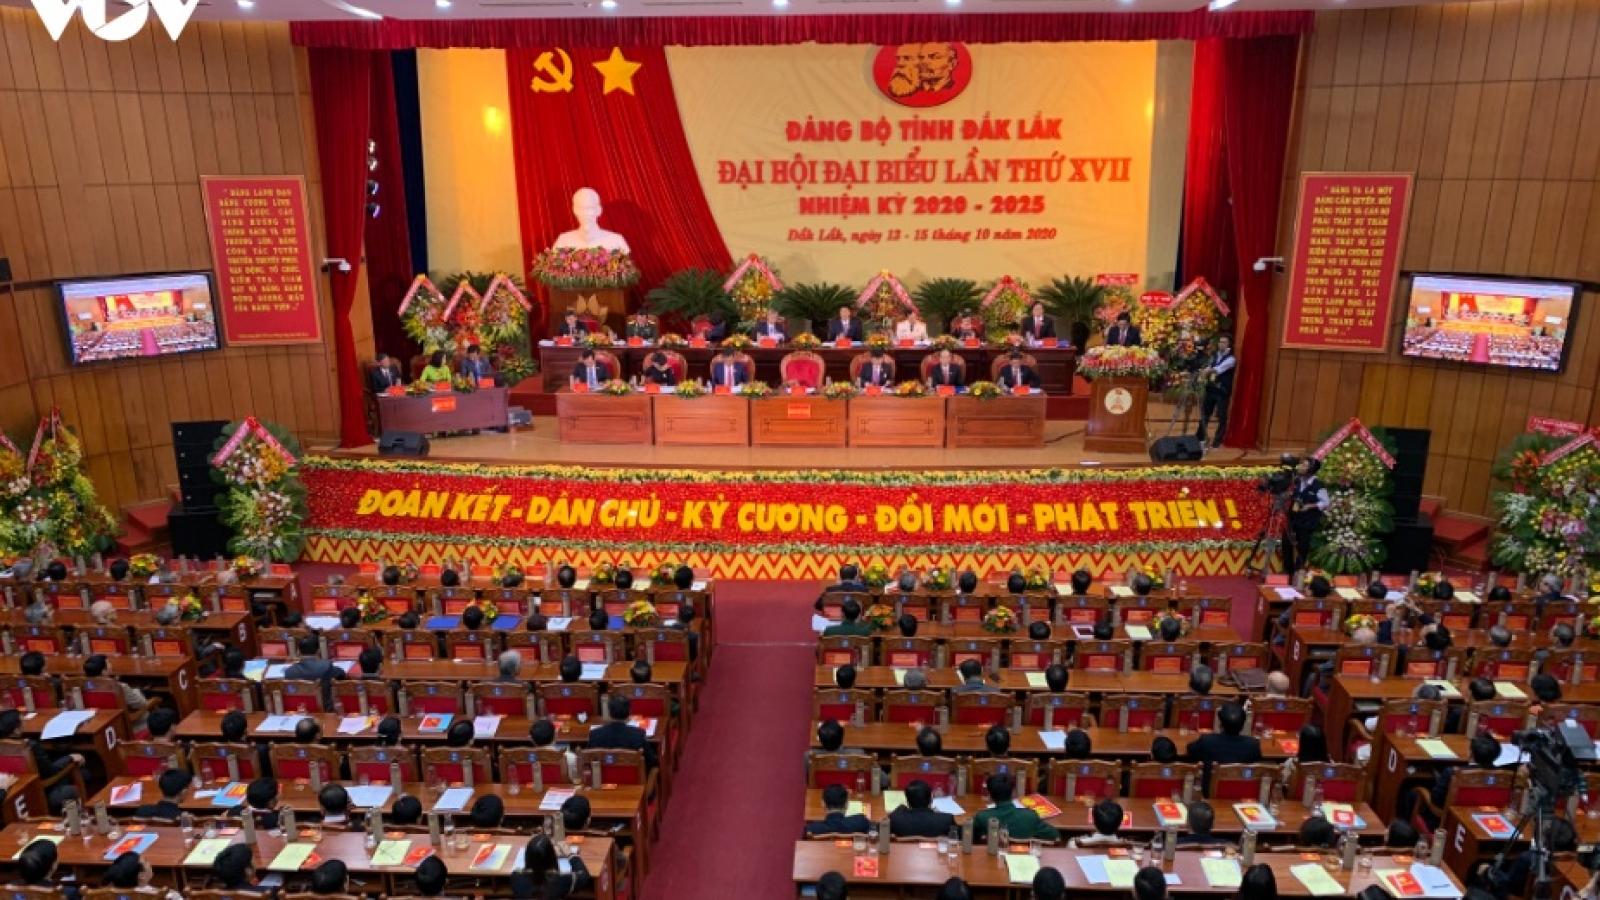 Phó thủ tướng Phạm Bình Minh dự và chỉ đạo Đại hội Đảng bộ tỉnh Đăk Lăk